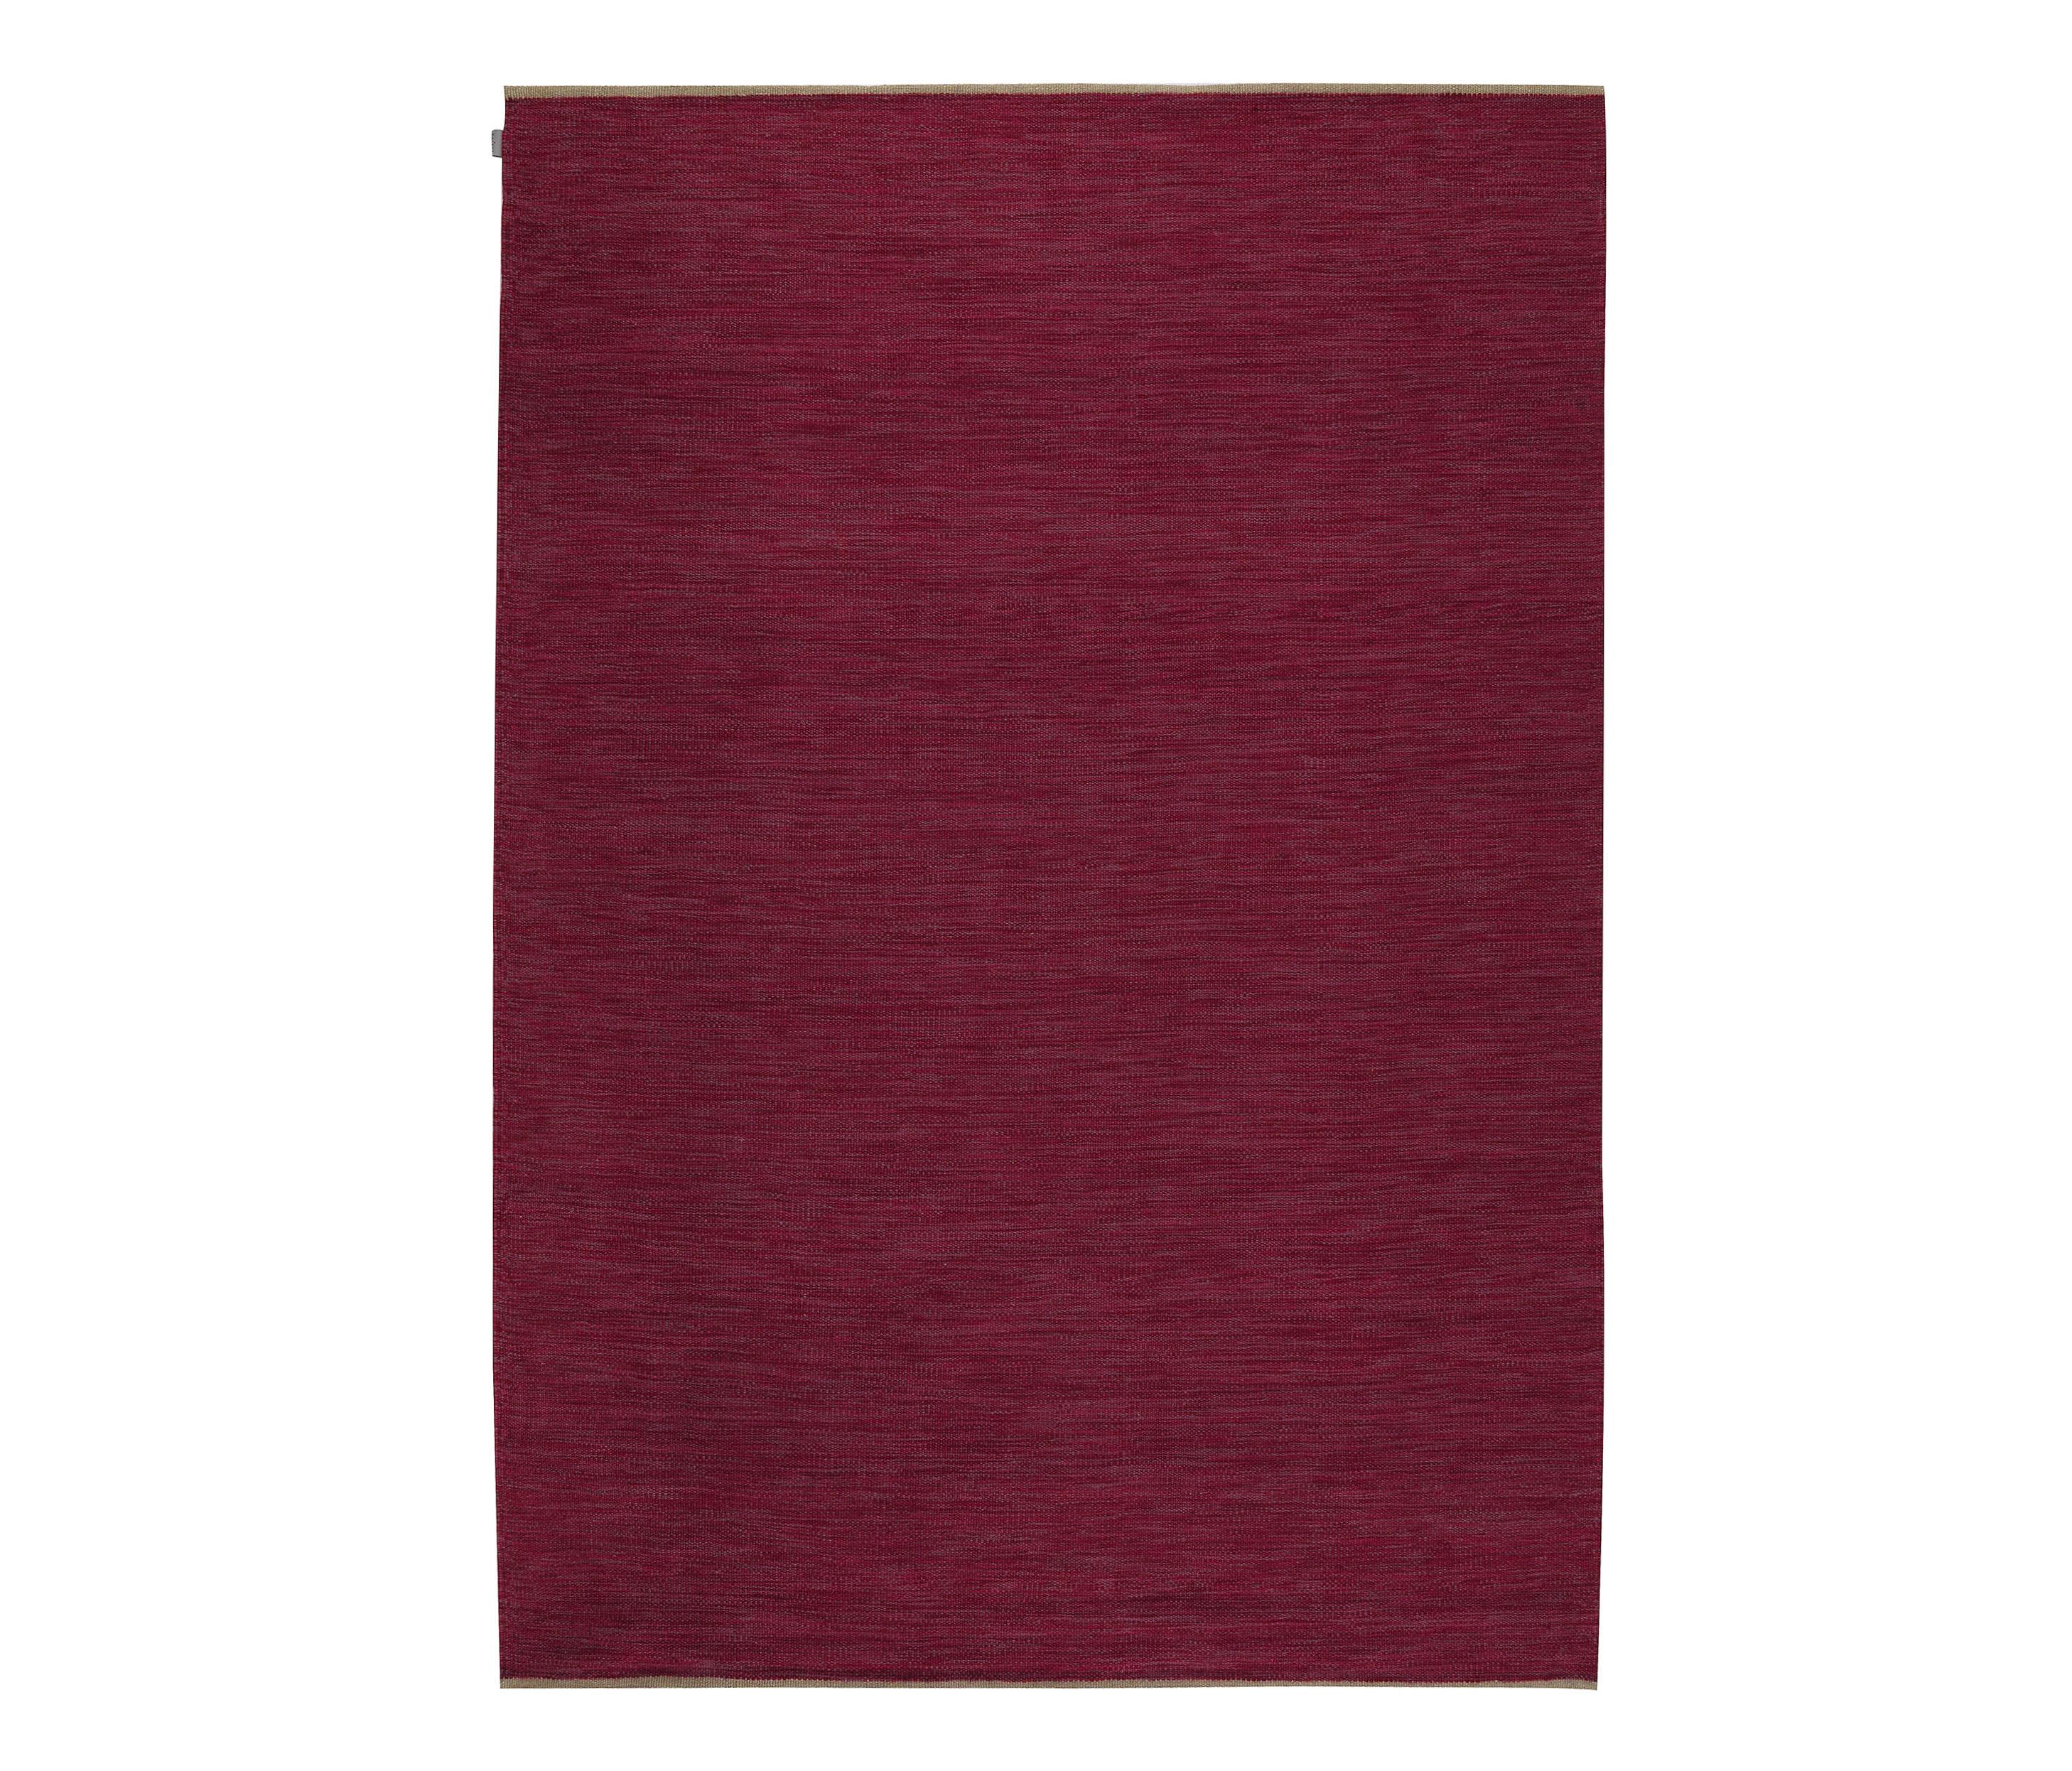 allium scarlet red  rugs  designer rugs from kateha  architonic -  allium scarlet red by kateha  rugs  designer rugs